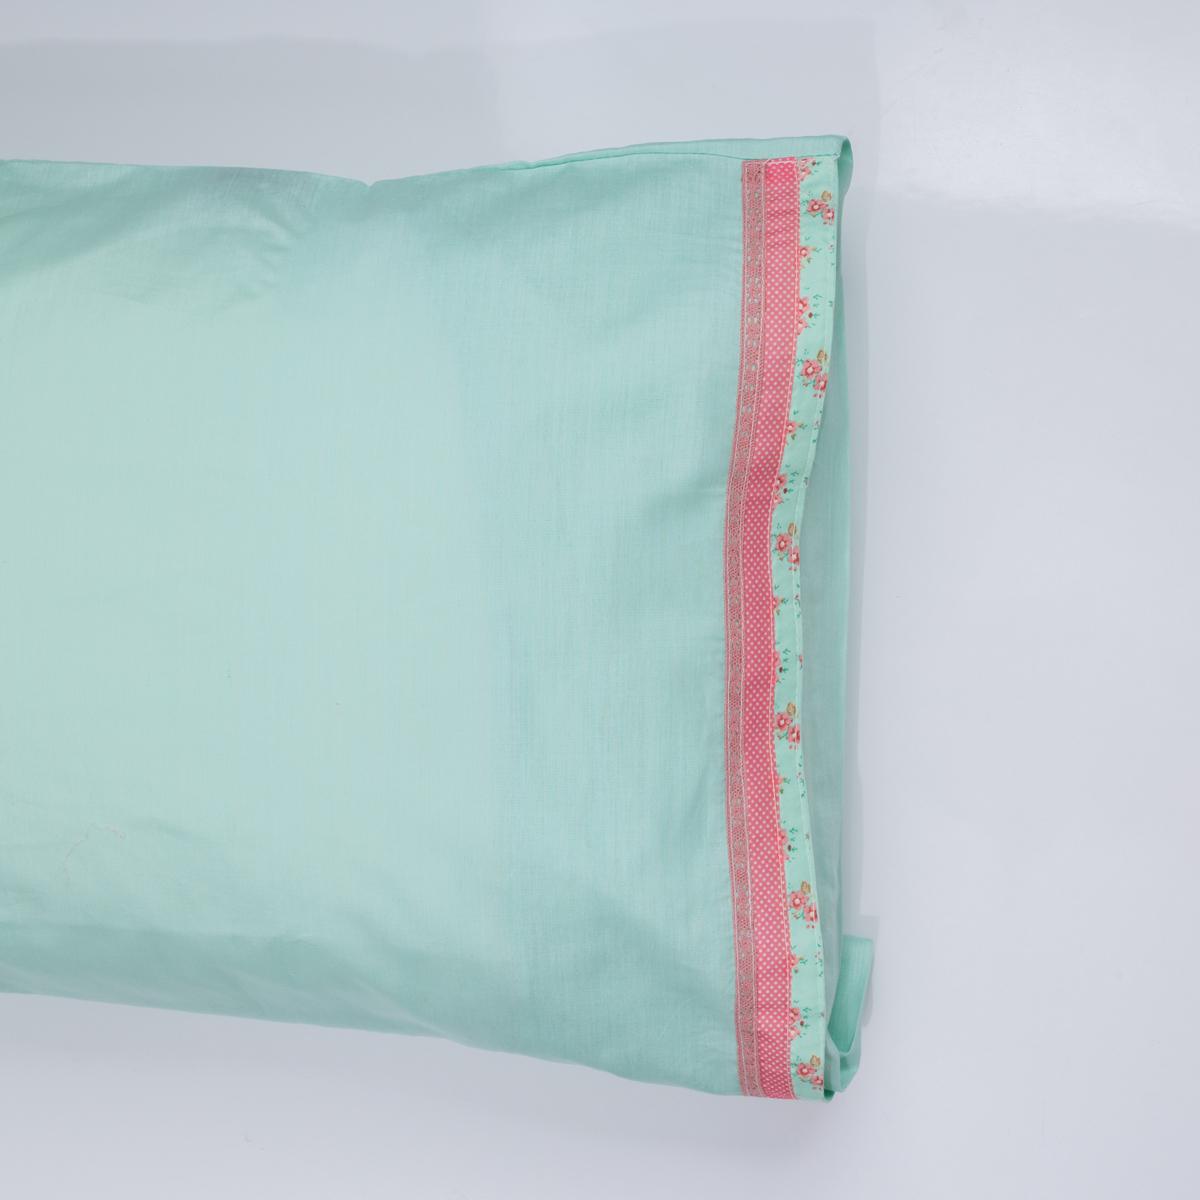 Ζεύγος Μαξιλαροθήκες White Fabric Kitty Mint